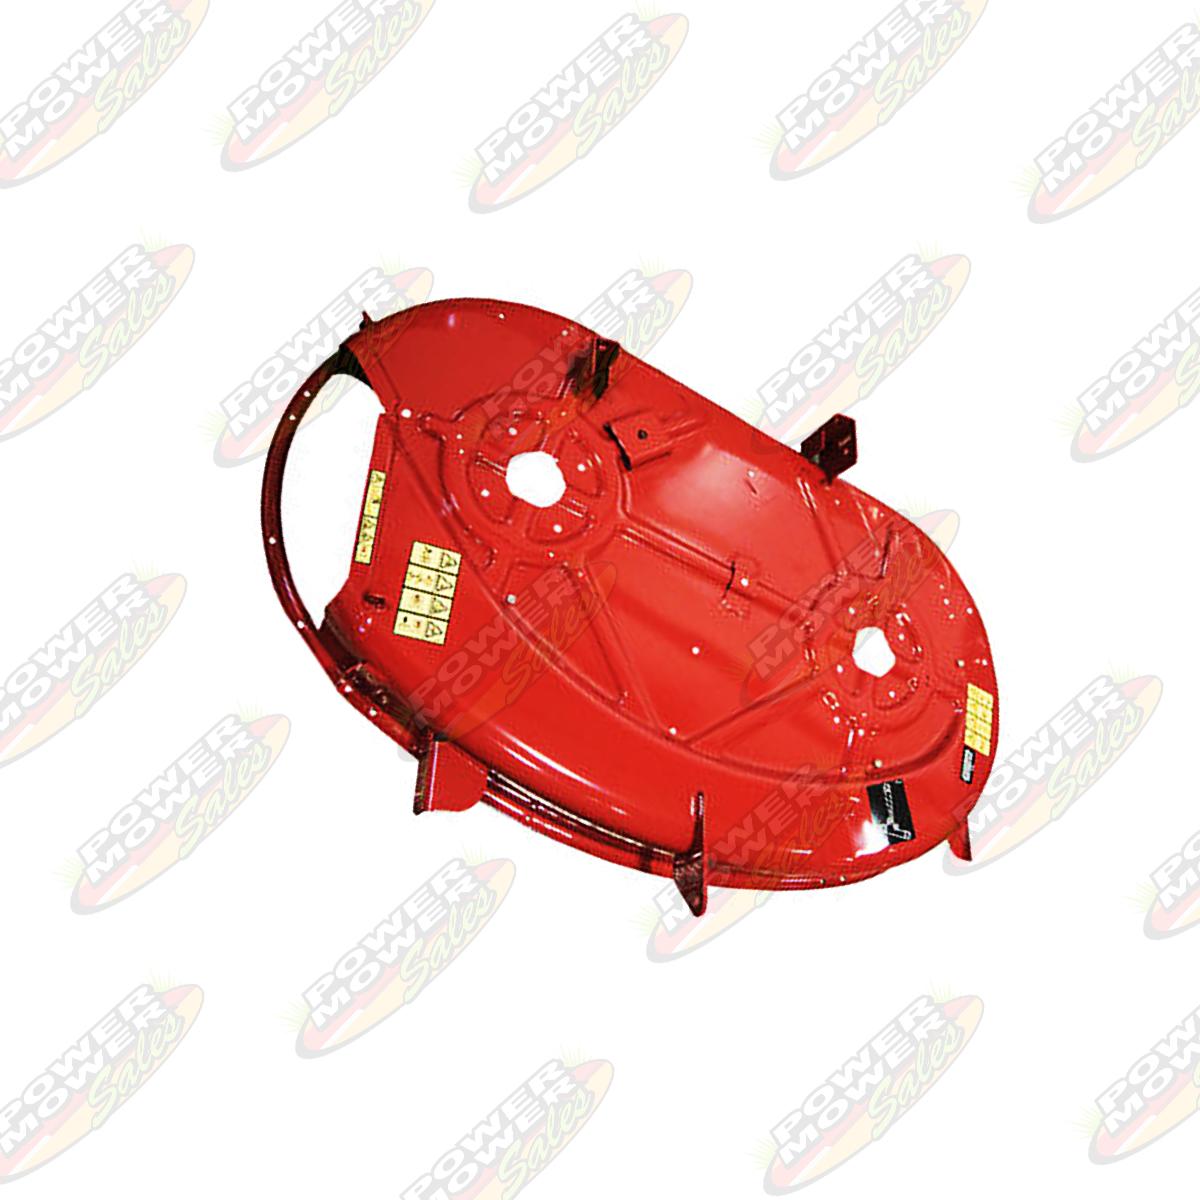 Toro 119 8840 42 Inch Mower Deck 119 8840 Power Mower